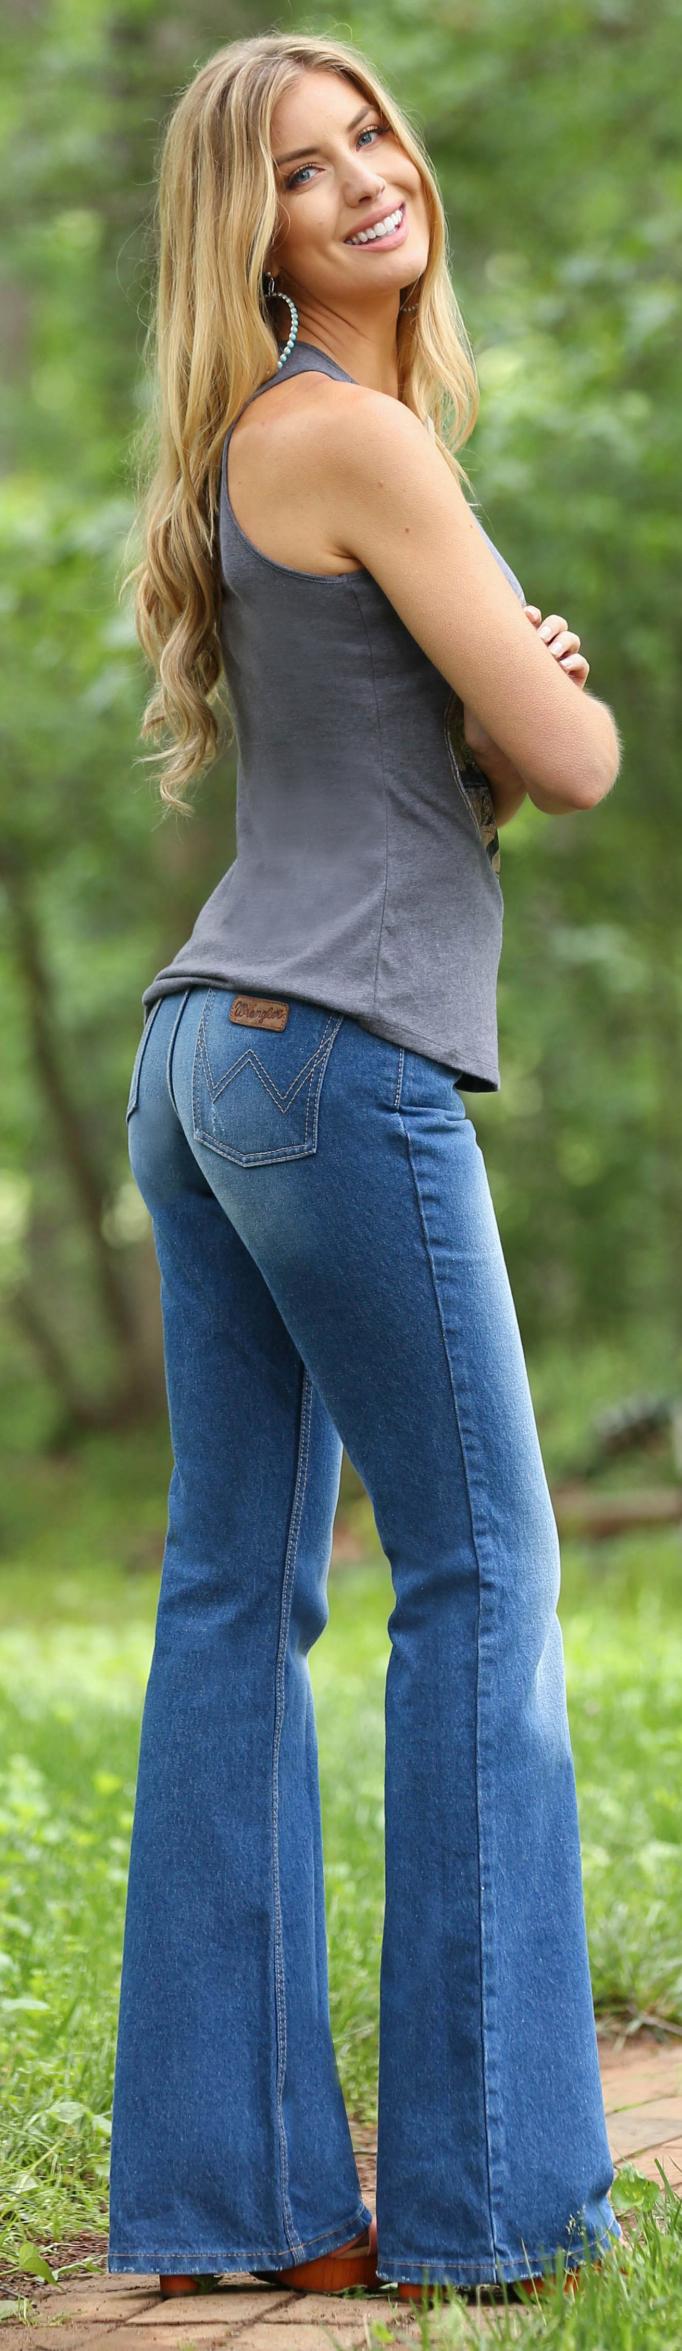 Wrangler Women's High-Waisted Flare Jeans | Sheplers